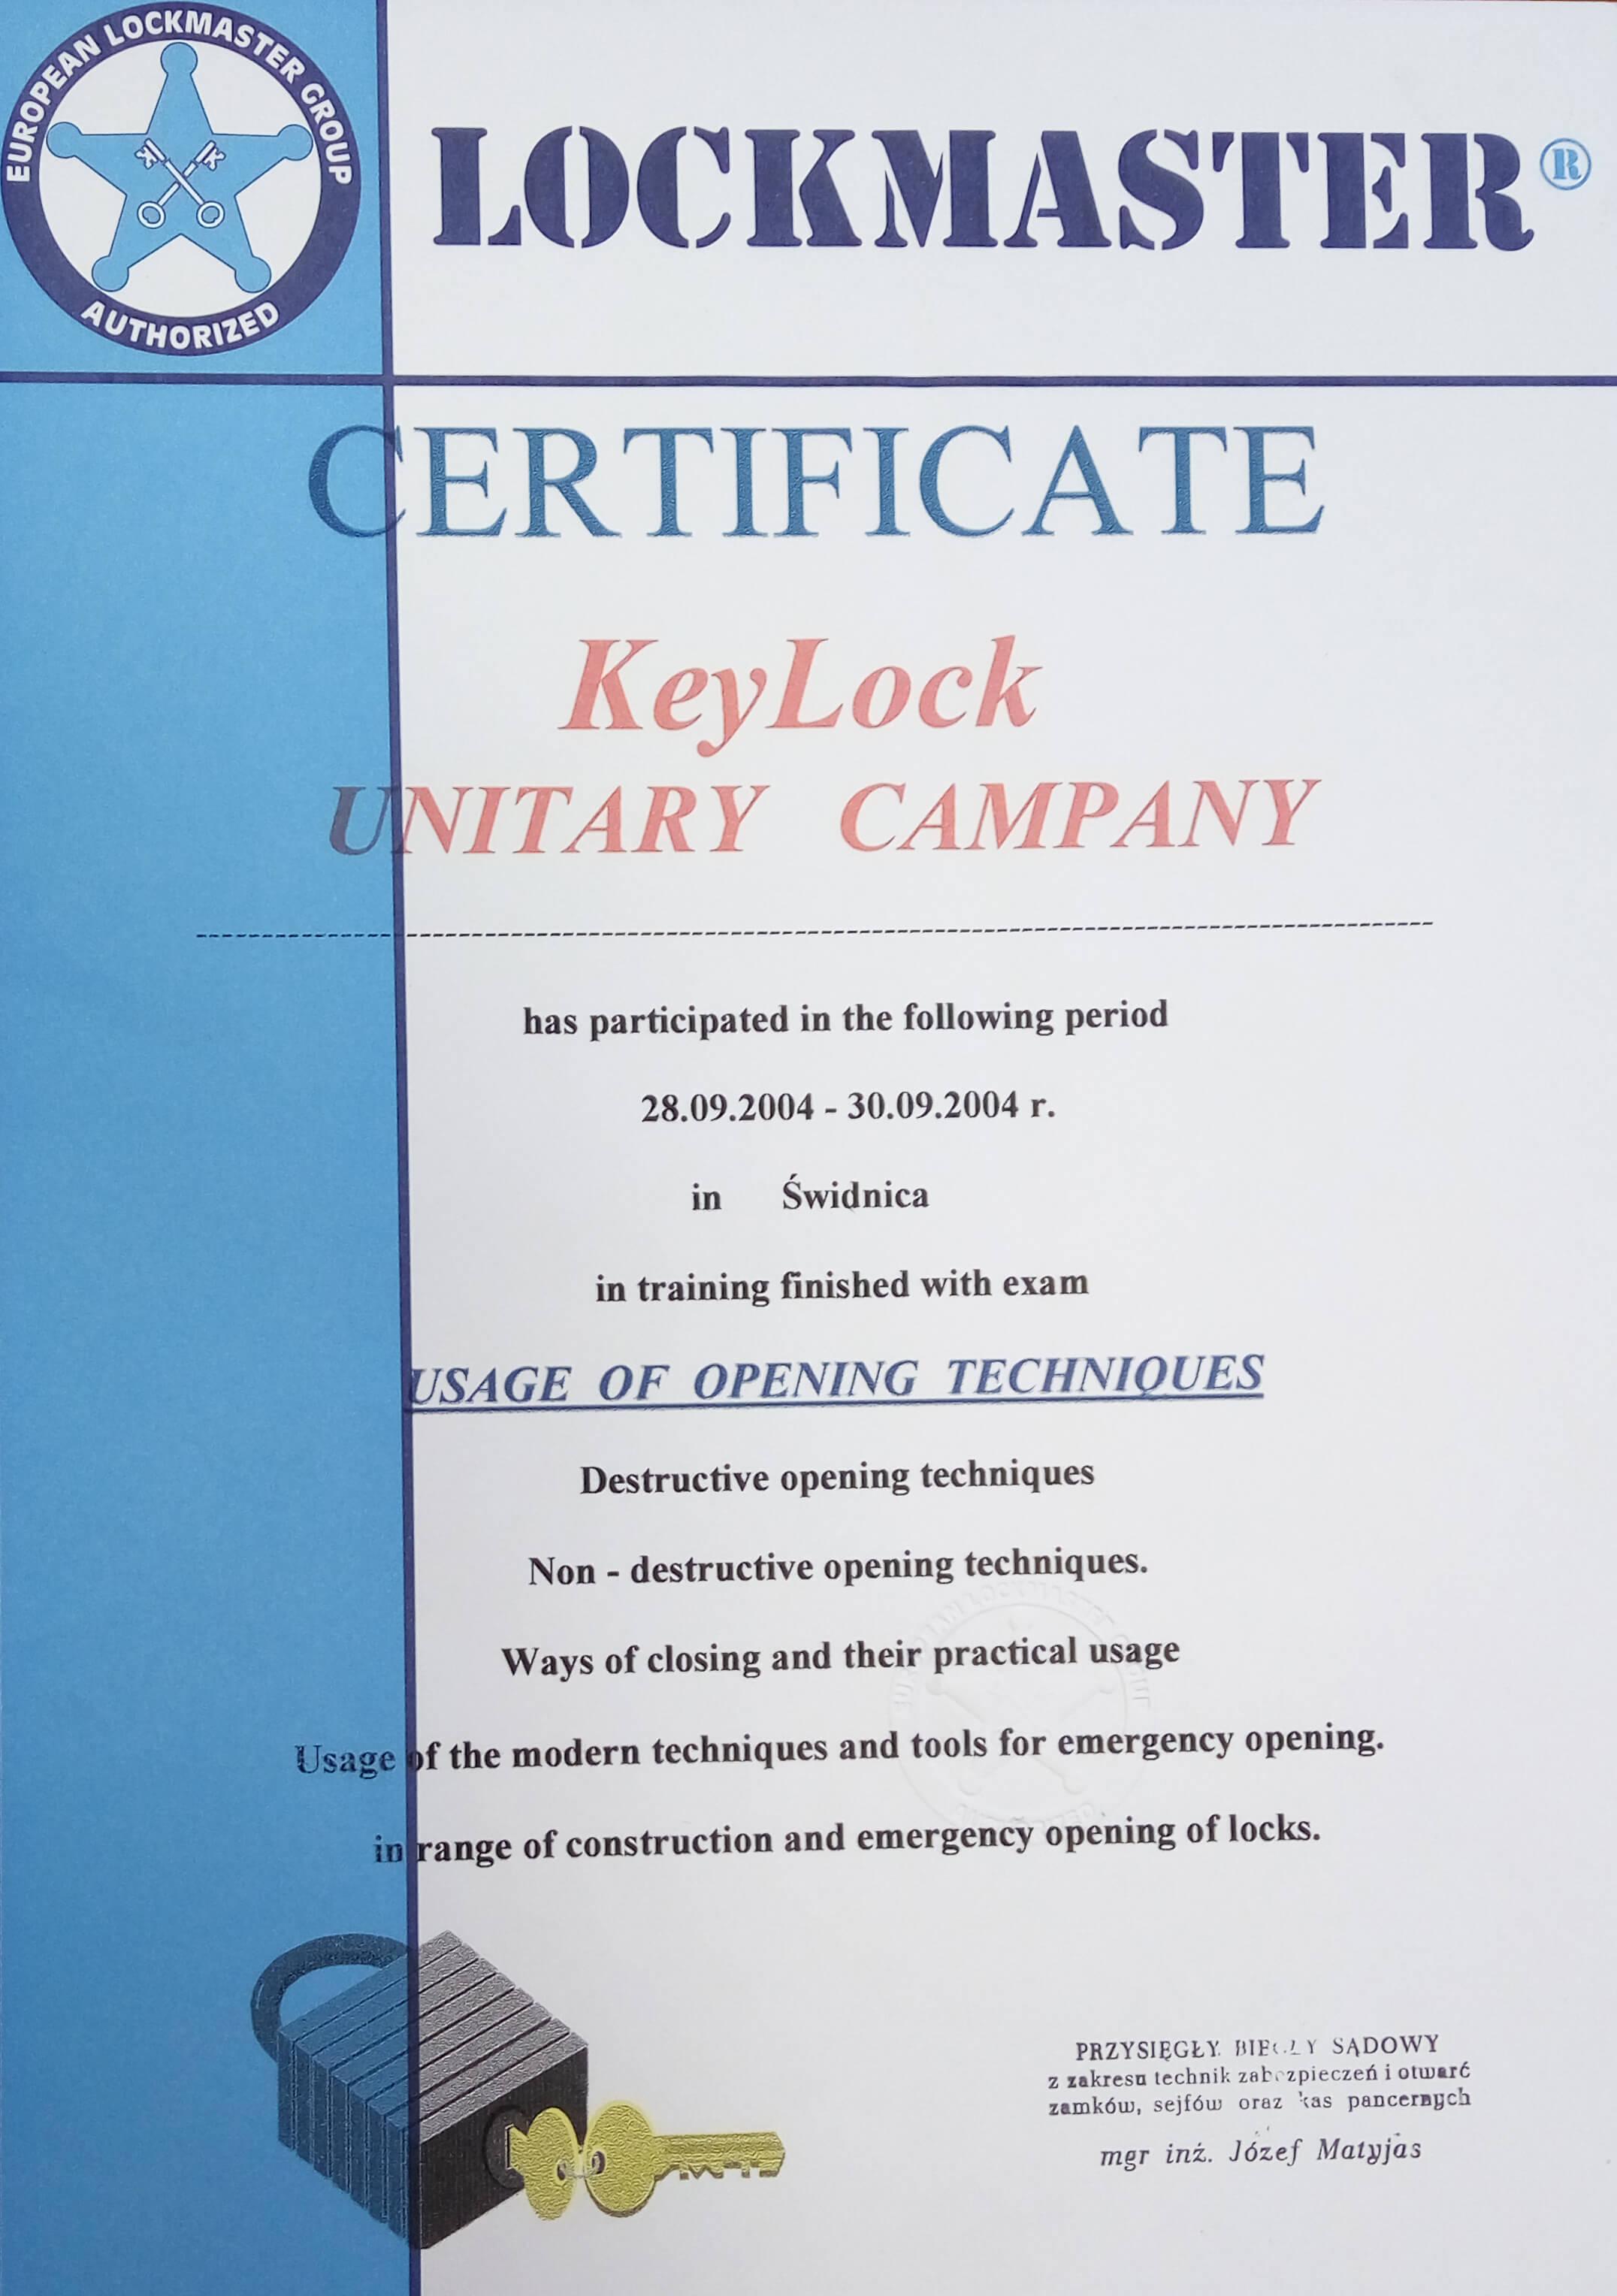 международный сертификат «LOCKMASTER»